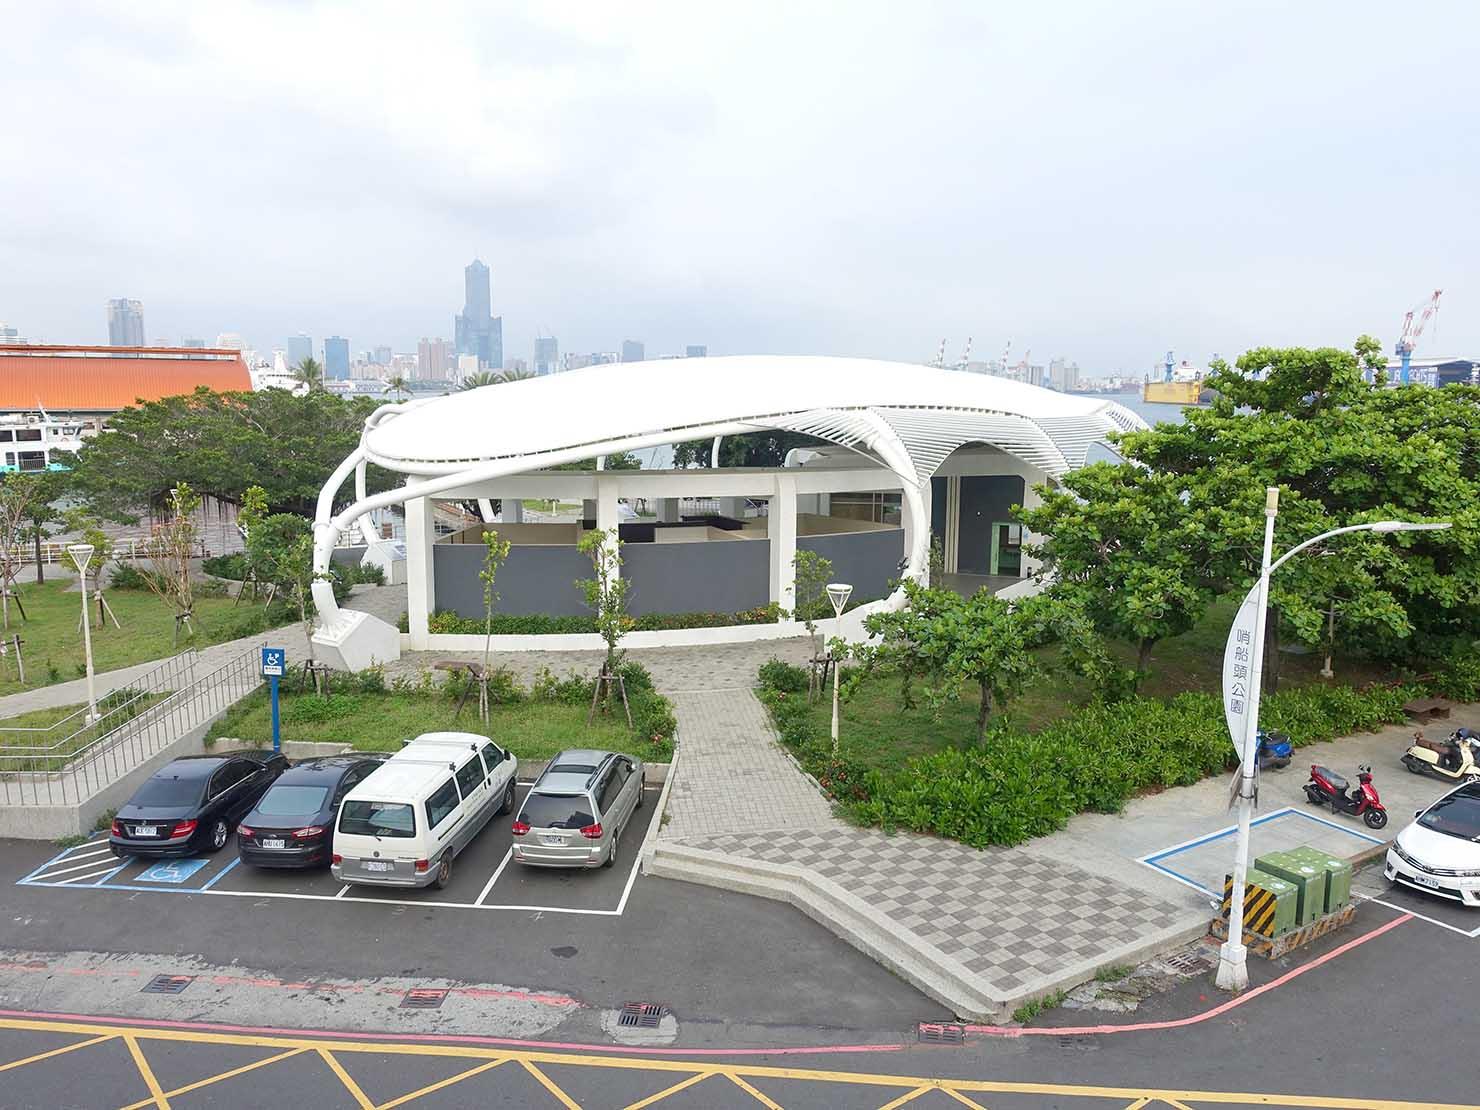 高雄・西子灣の港に立つ海辺のホテル「碧港良居 Watermark Hotel」海景豪華房から見える85大樓